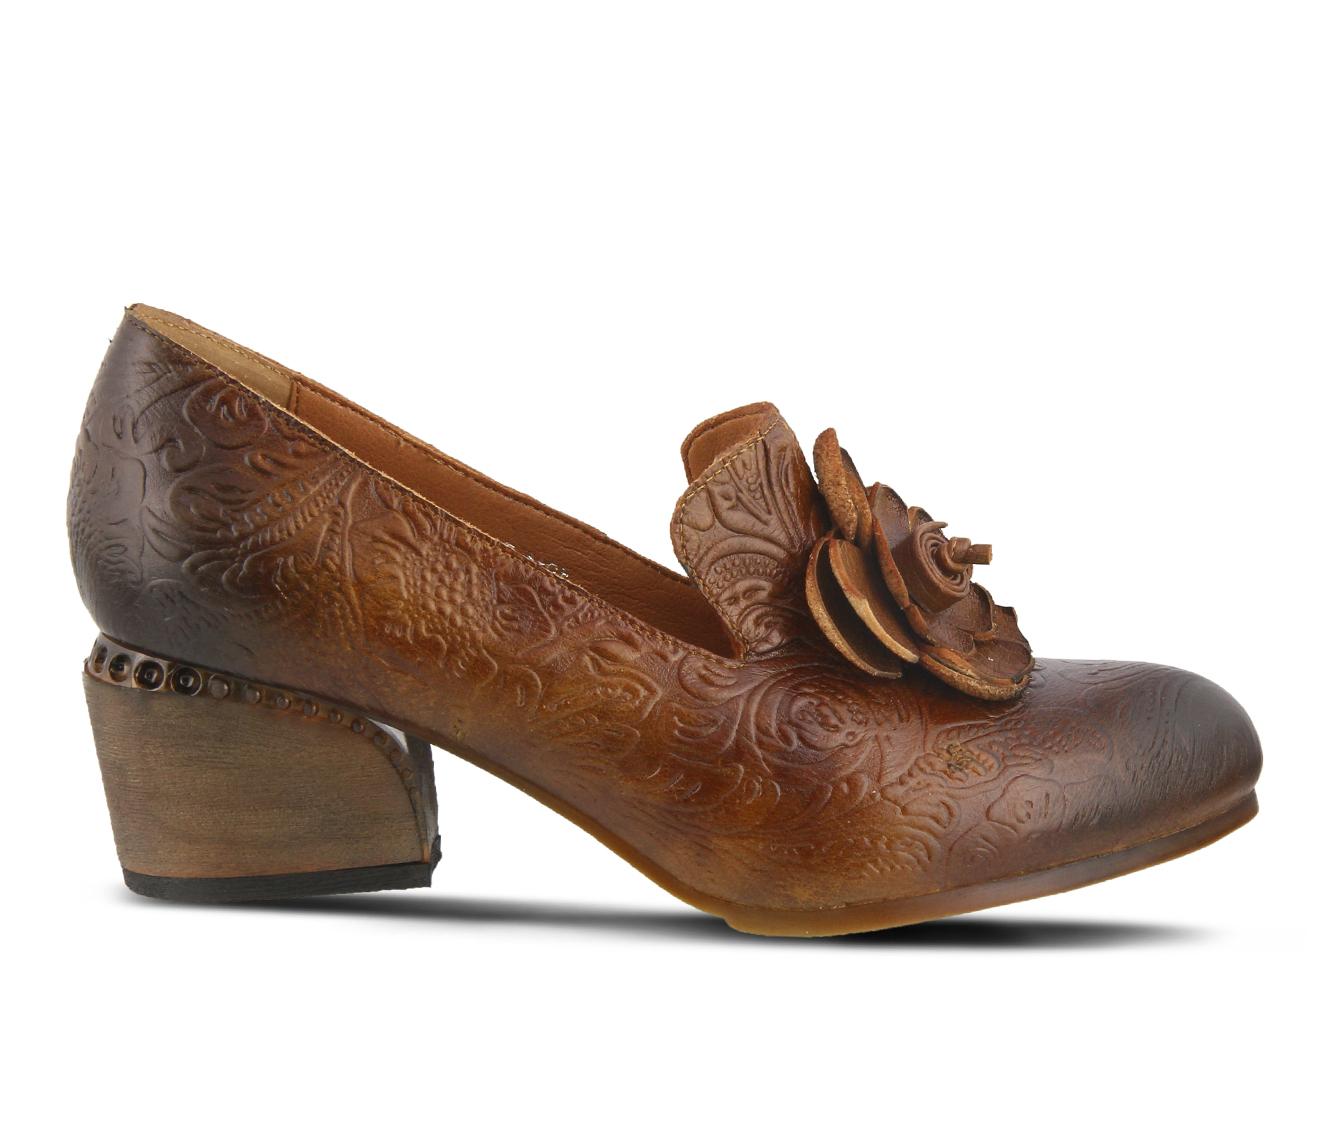 L'Artiste Noora Women's Dress Shoe (Brown Leather)